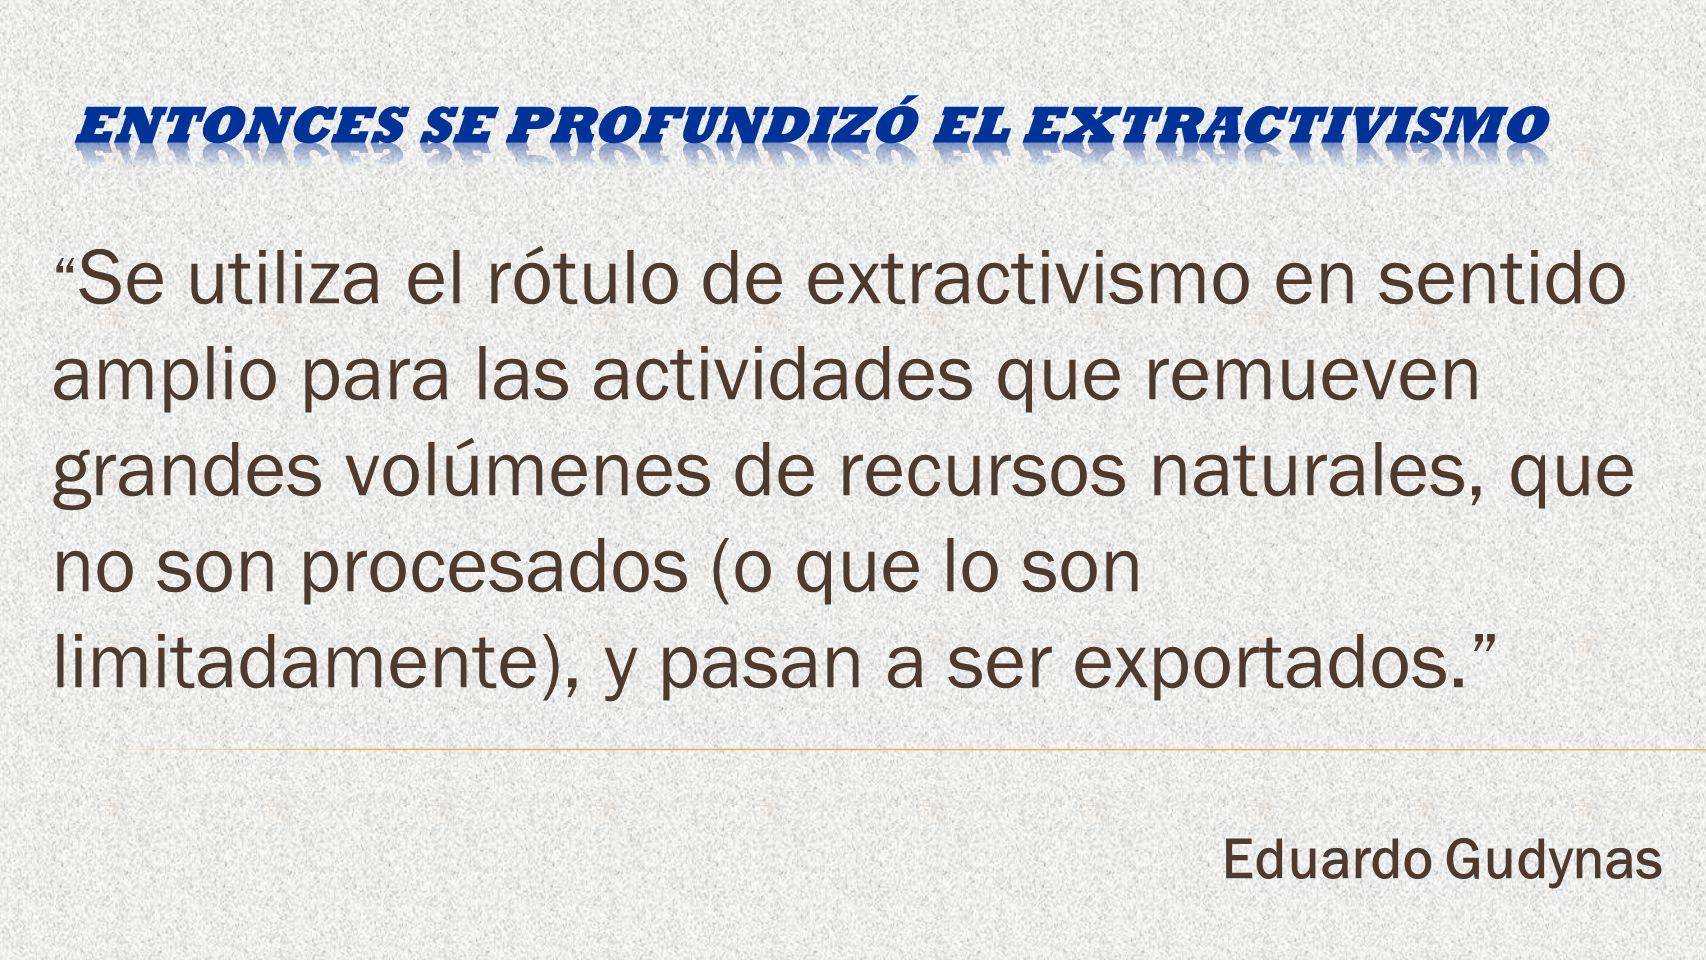 Se utiliza el rótulo de extractivismo en sentido amplio para las actividades que remueven grandes volúmenes de recursos naturales, que no son procesad